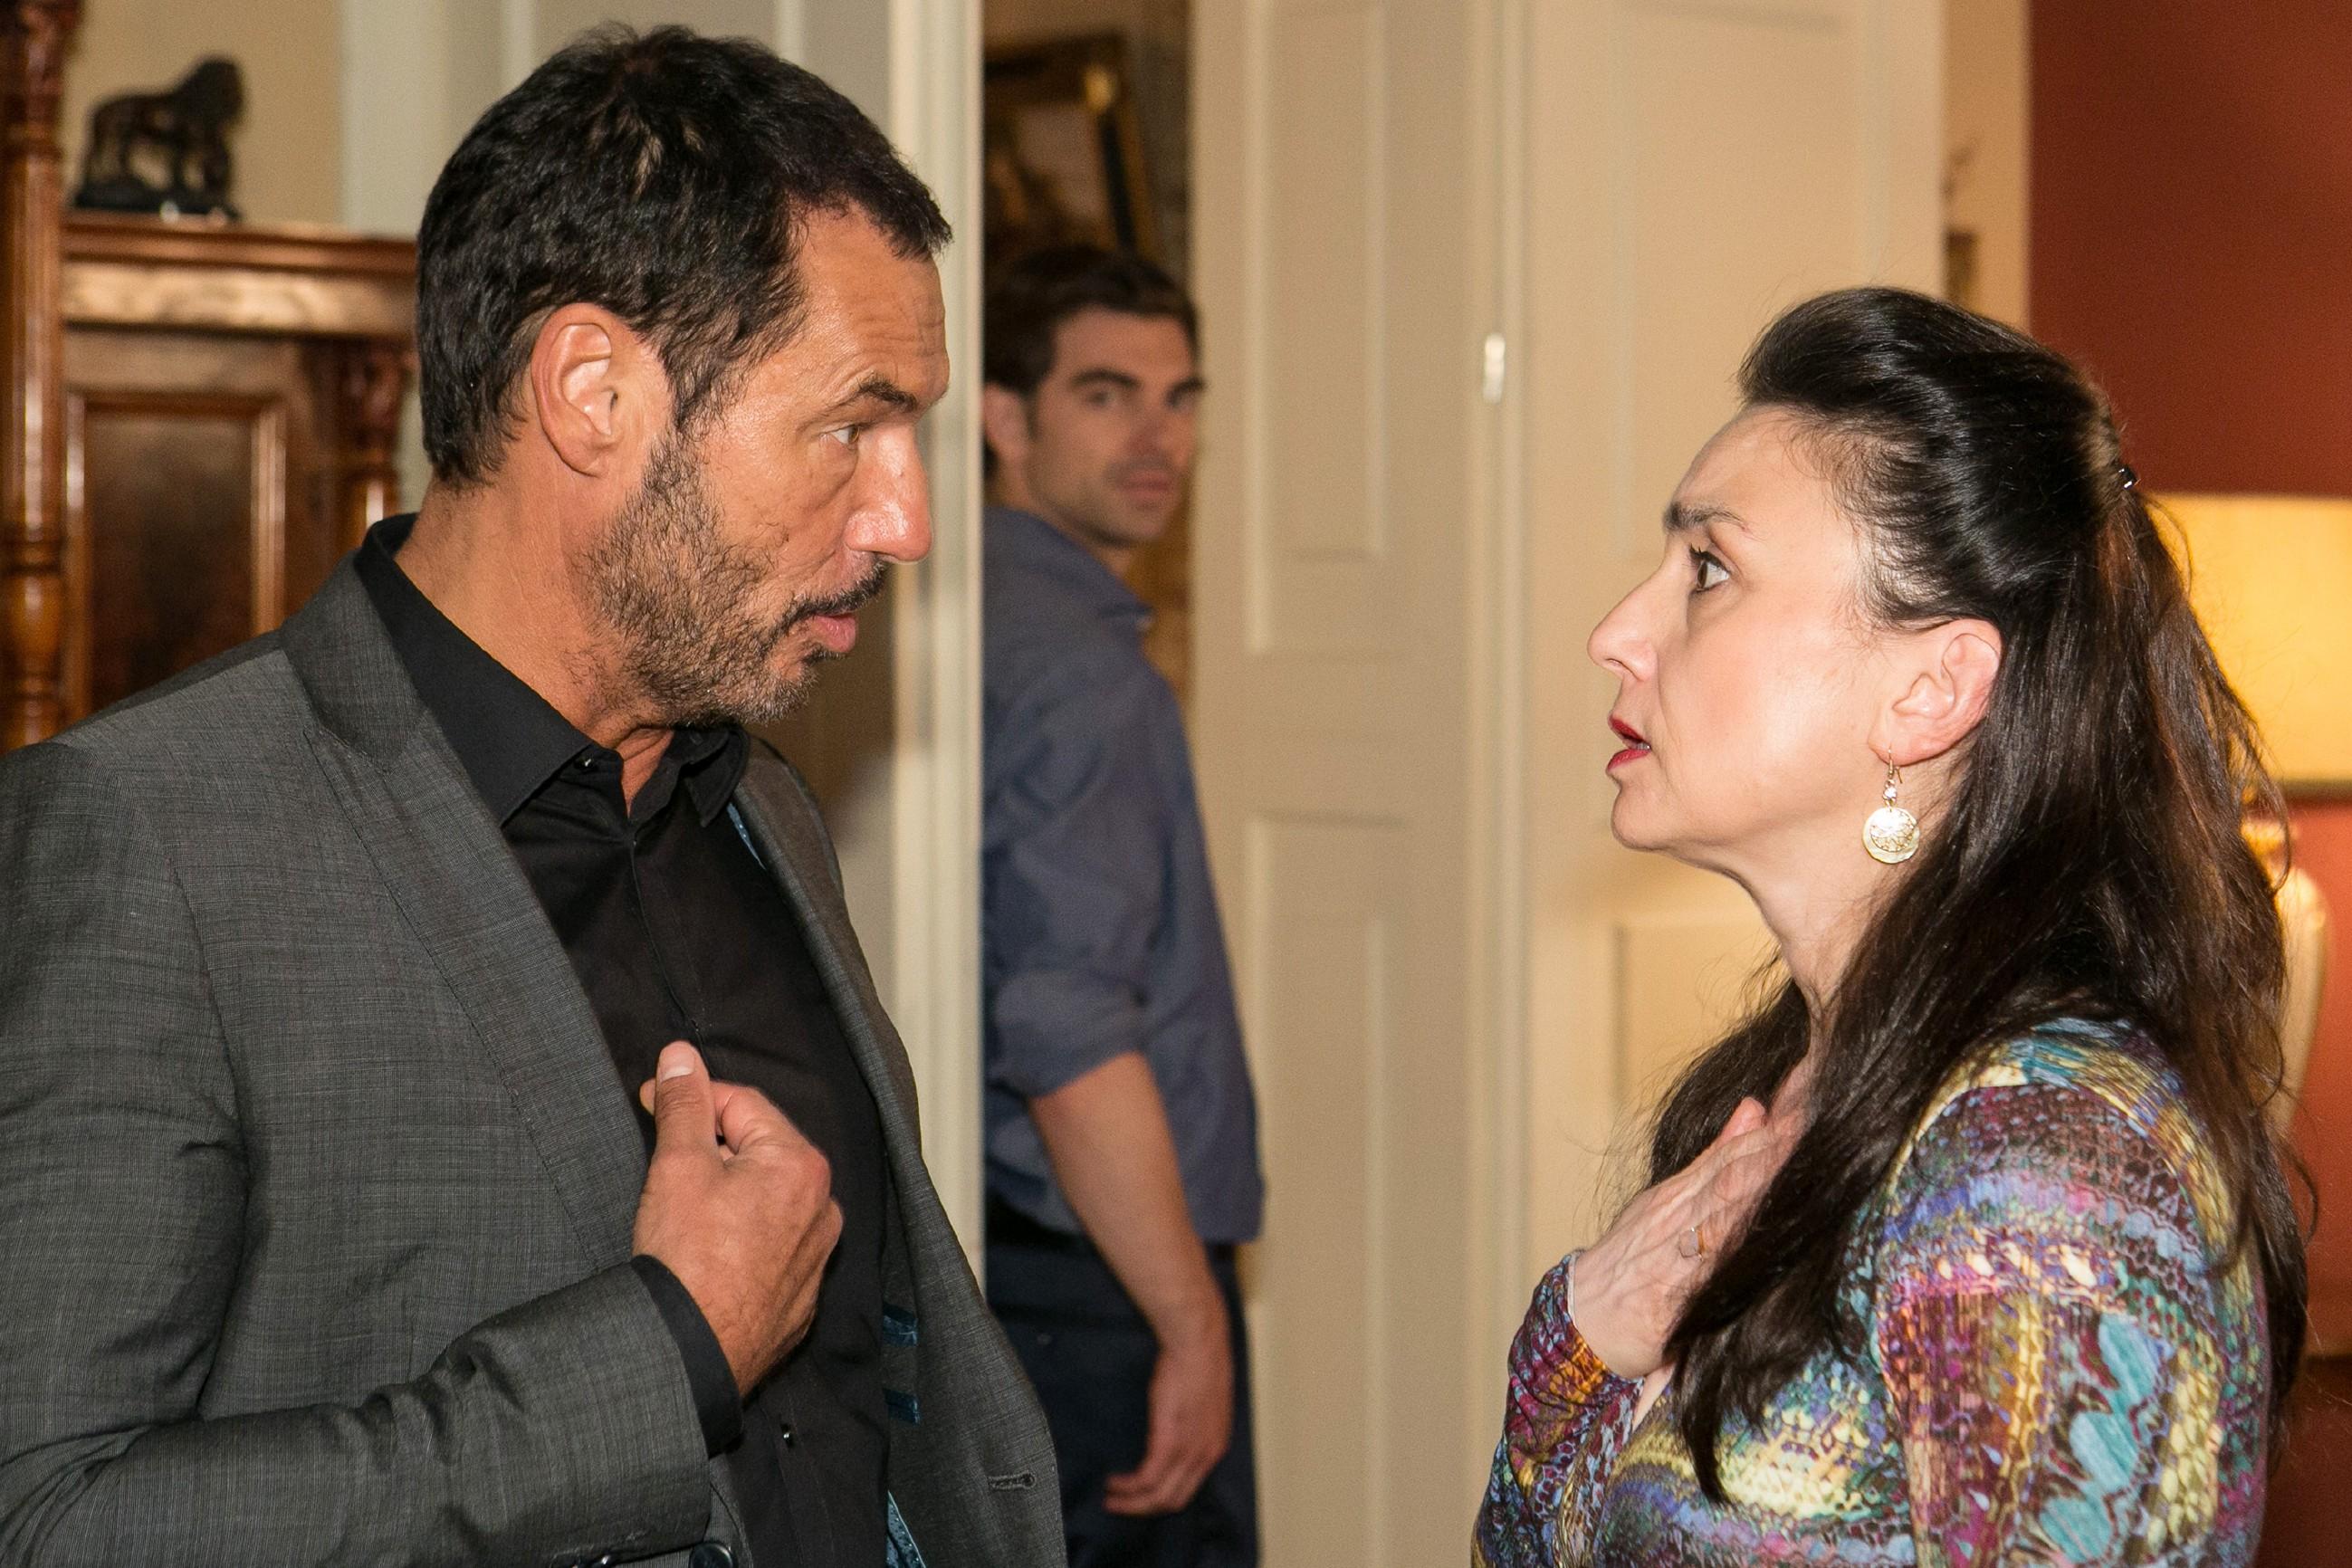 Veit (Carsten Clemens, hinten) beobachtet zufrieden, wie sich Simone (Tatjana Clasing) mit ihrem Misstrauen von Richard (Silvan-Pierre Leirich) und dem Rest der Familie isoliert. (Quelle: © RTL / Kai Schulz)